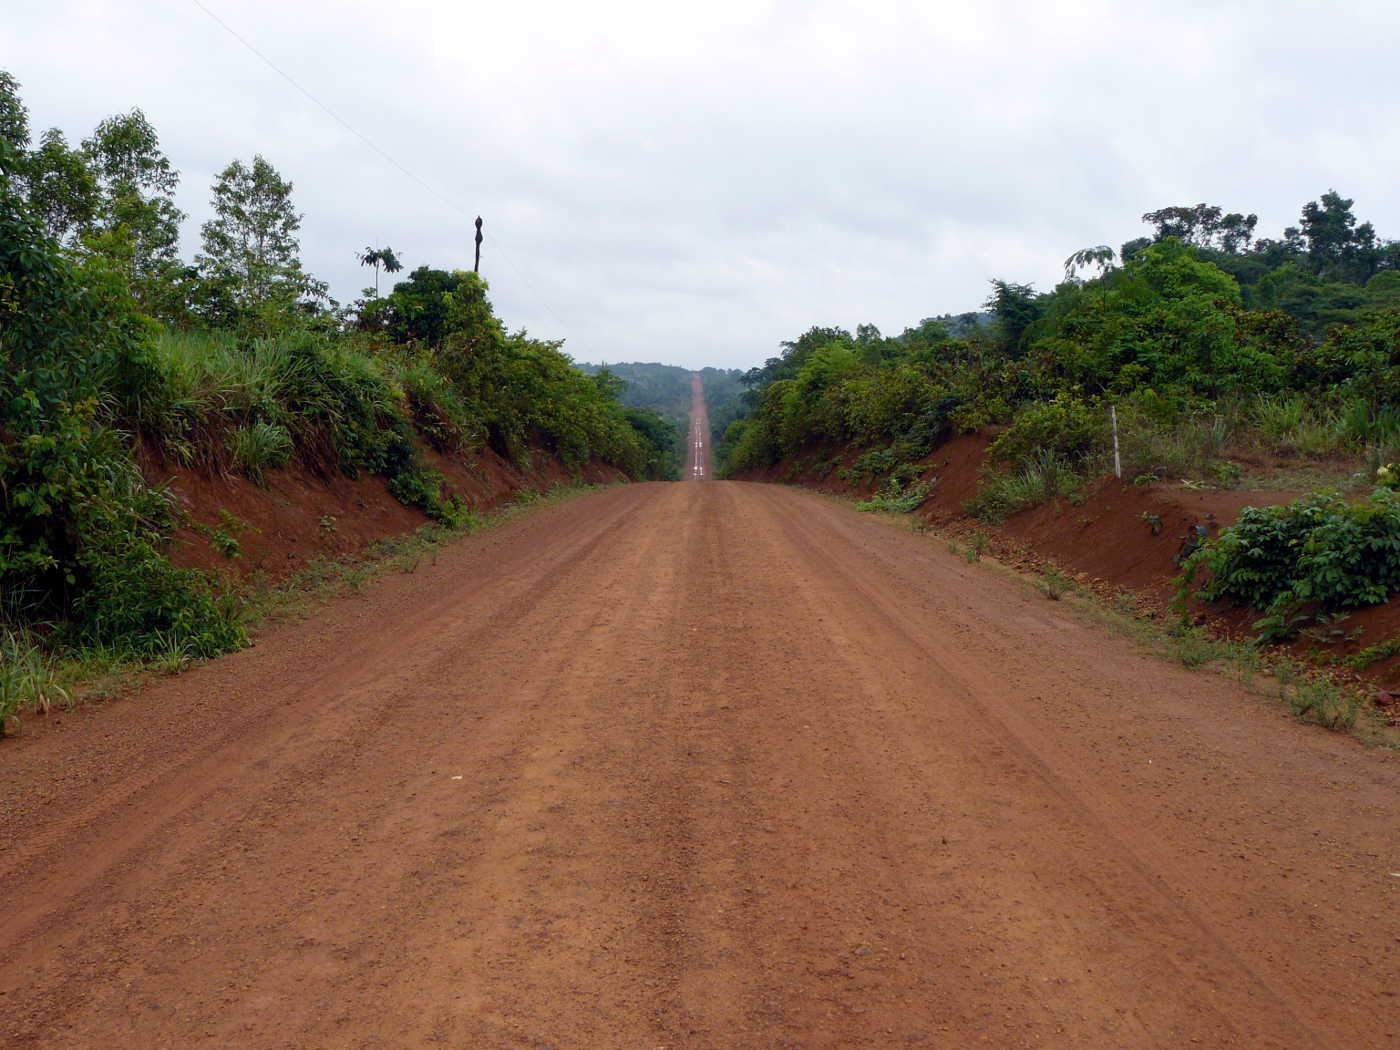 Über tausende von Kilometern führt die Strasse quer durch den brasilianischen Amazonas